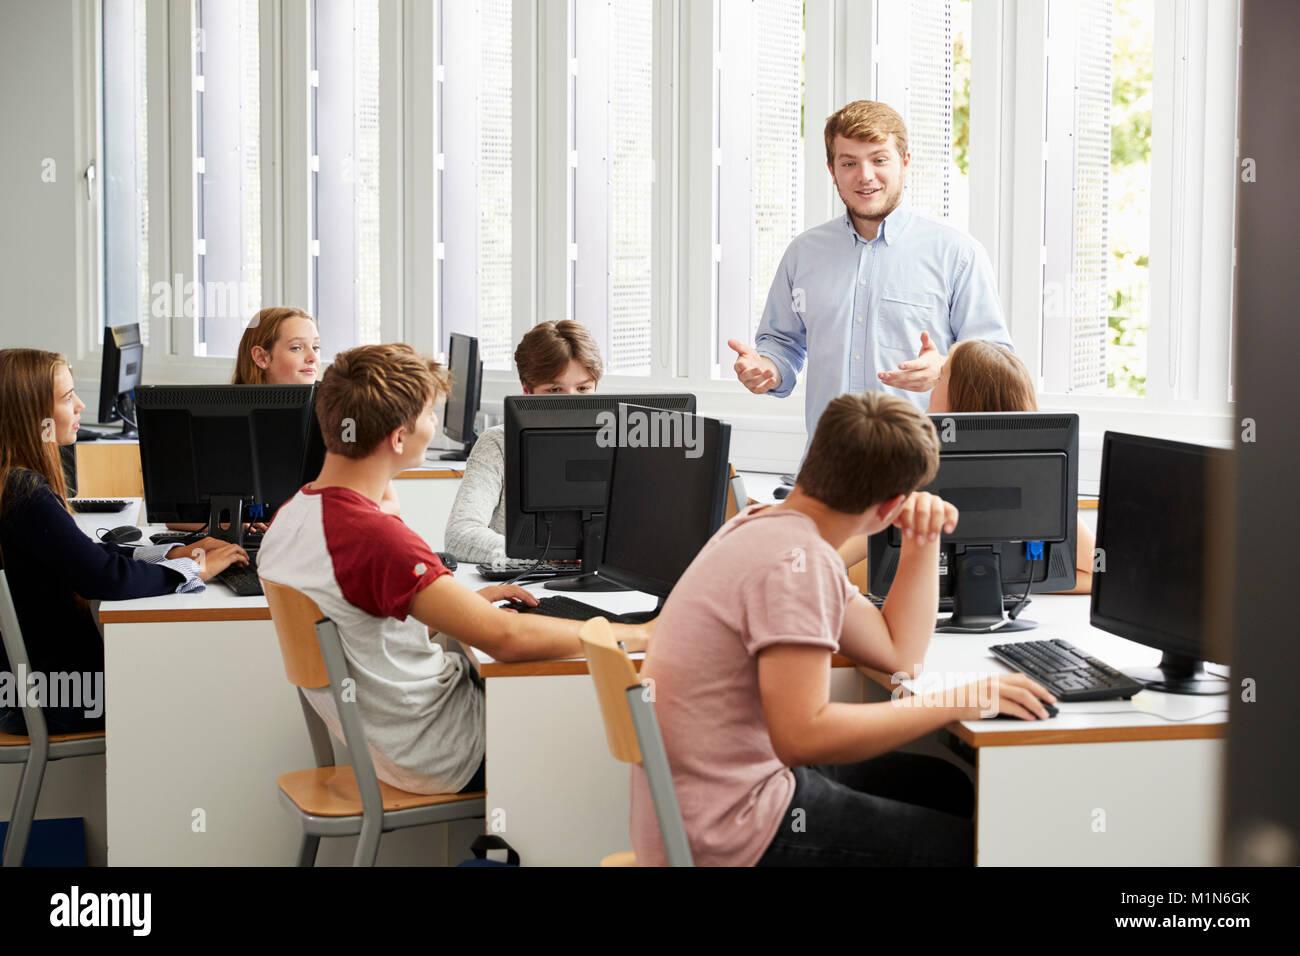 Teenage gli studenti che studiano in esso di classe con docente Immagini Stock